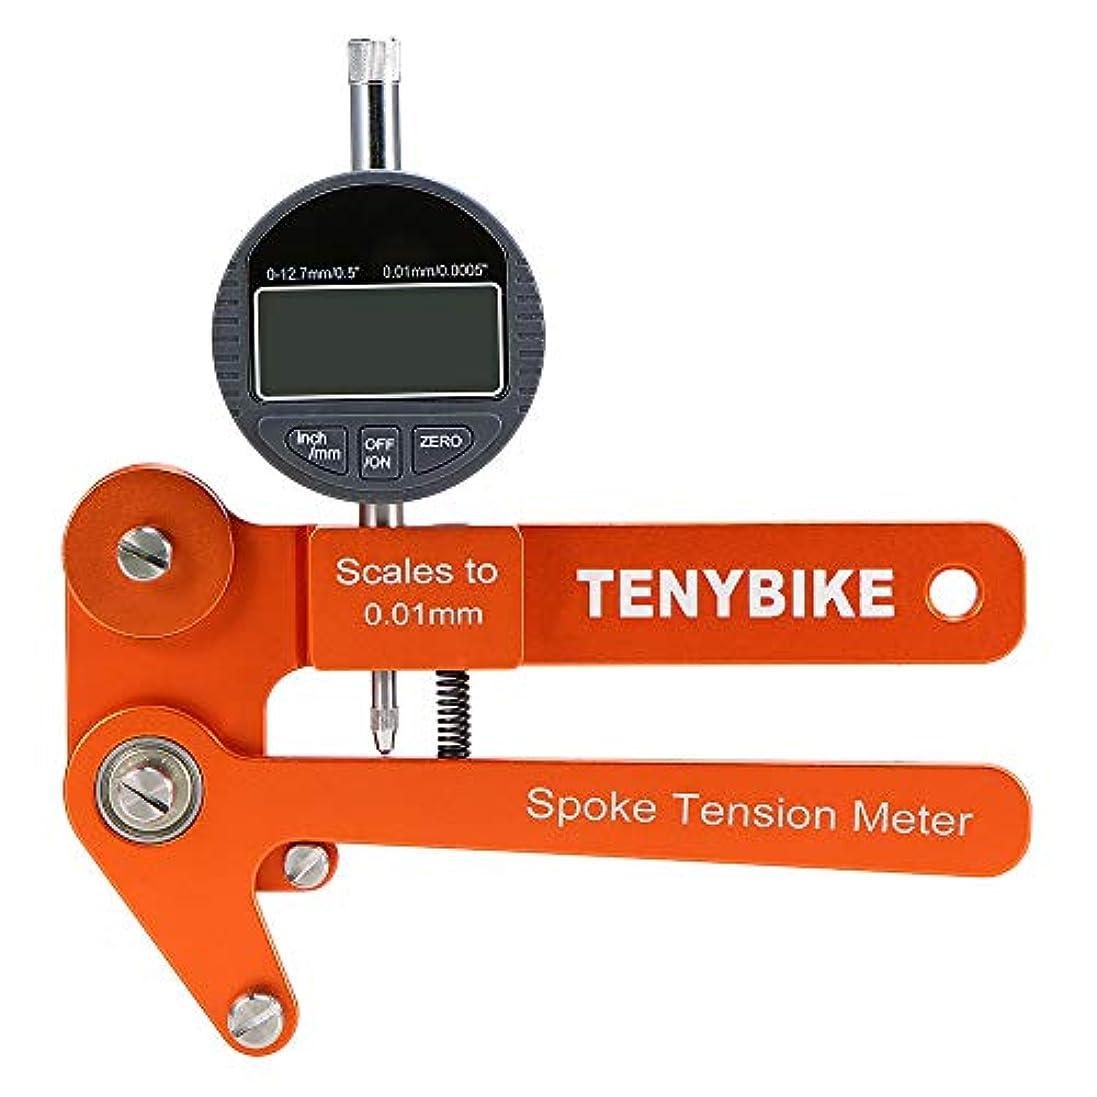 振るぬるい教Rakuby 自転車スポークテンションメーター サイクリングホイール スポークテンショメーター 自転車ホイール ビル ダー測定ツール